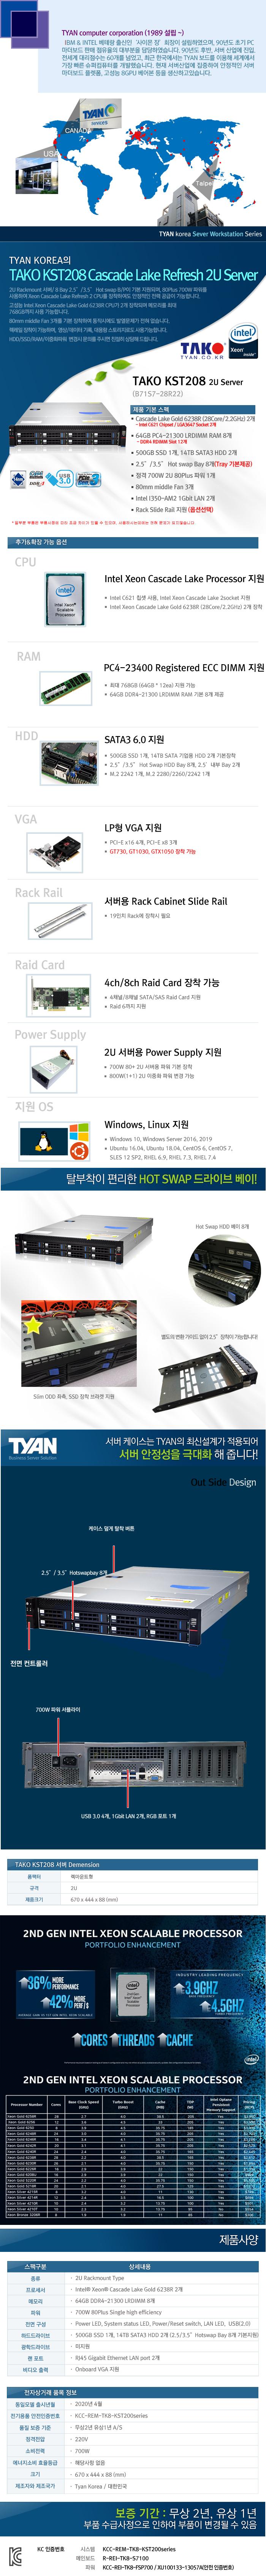 TYAN TAKO-KST208-(B71S7-28R22) (512GB, SSD 500GB + 28TB)